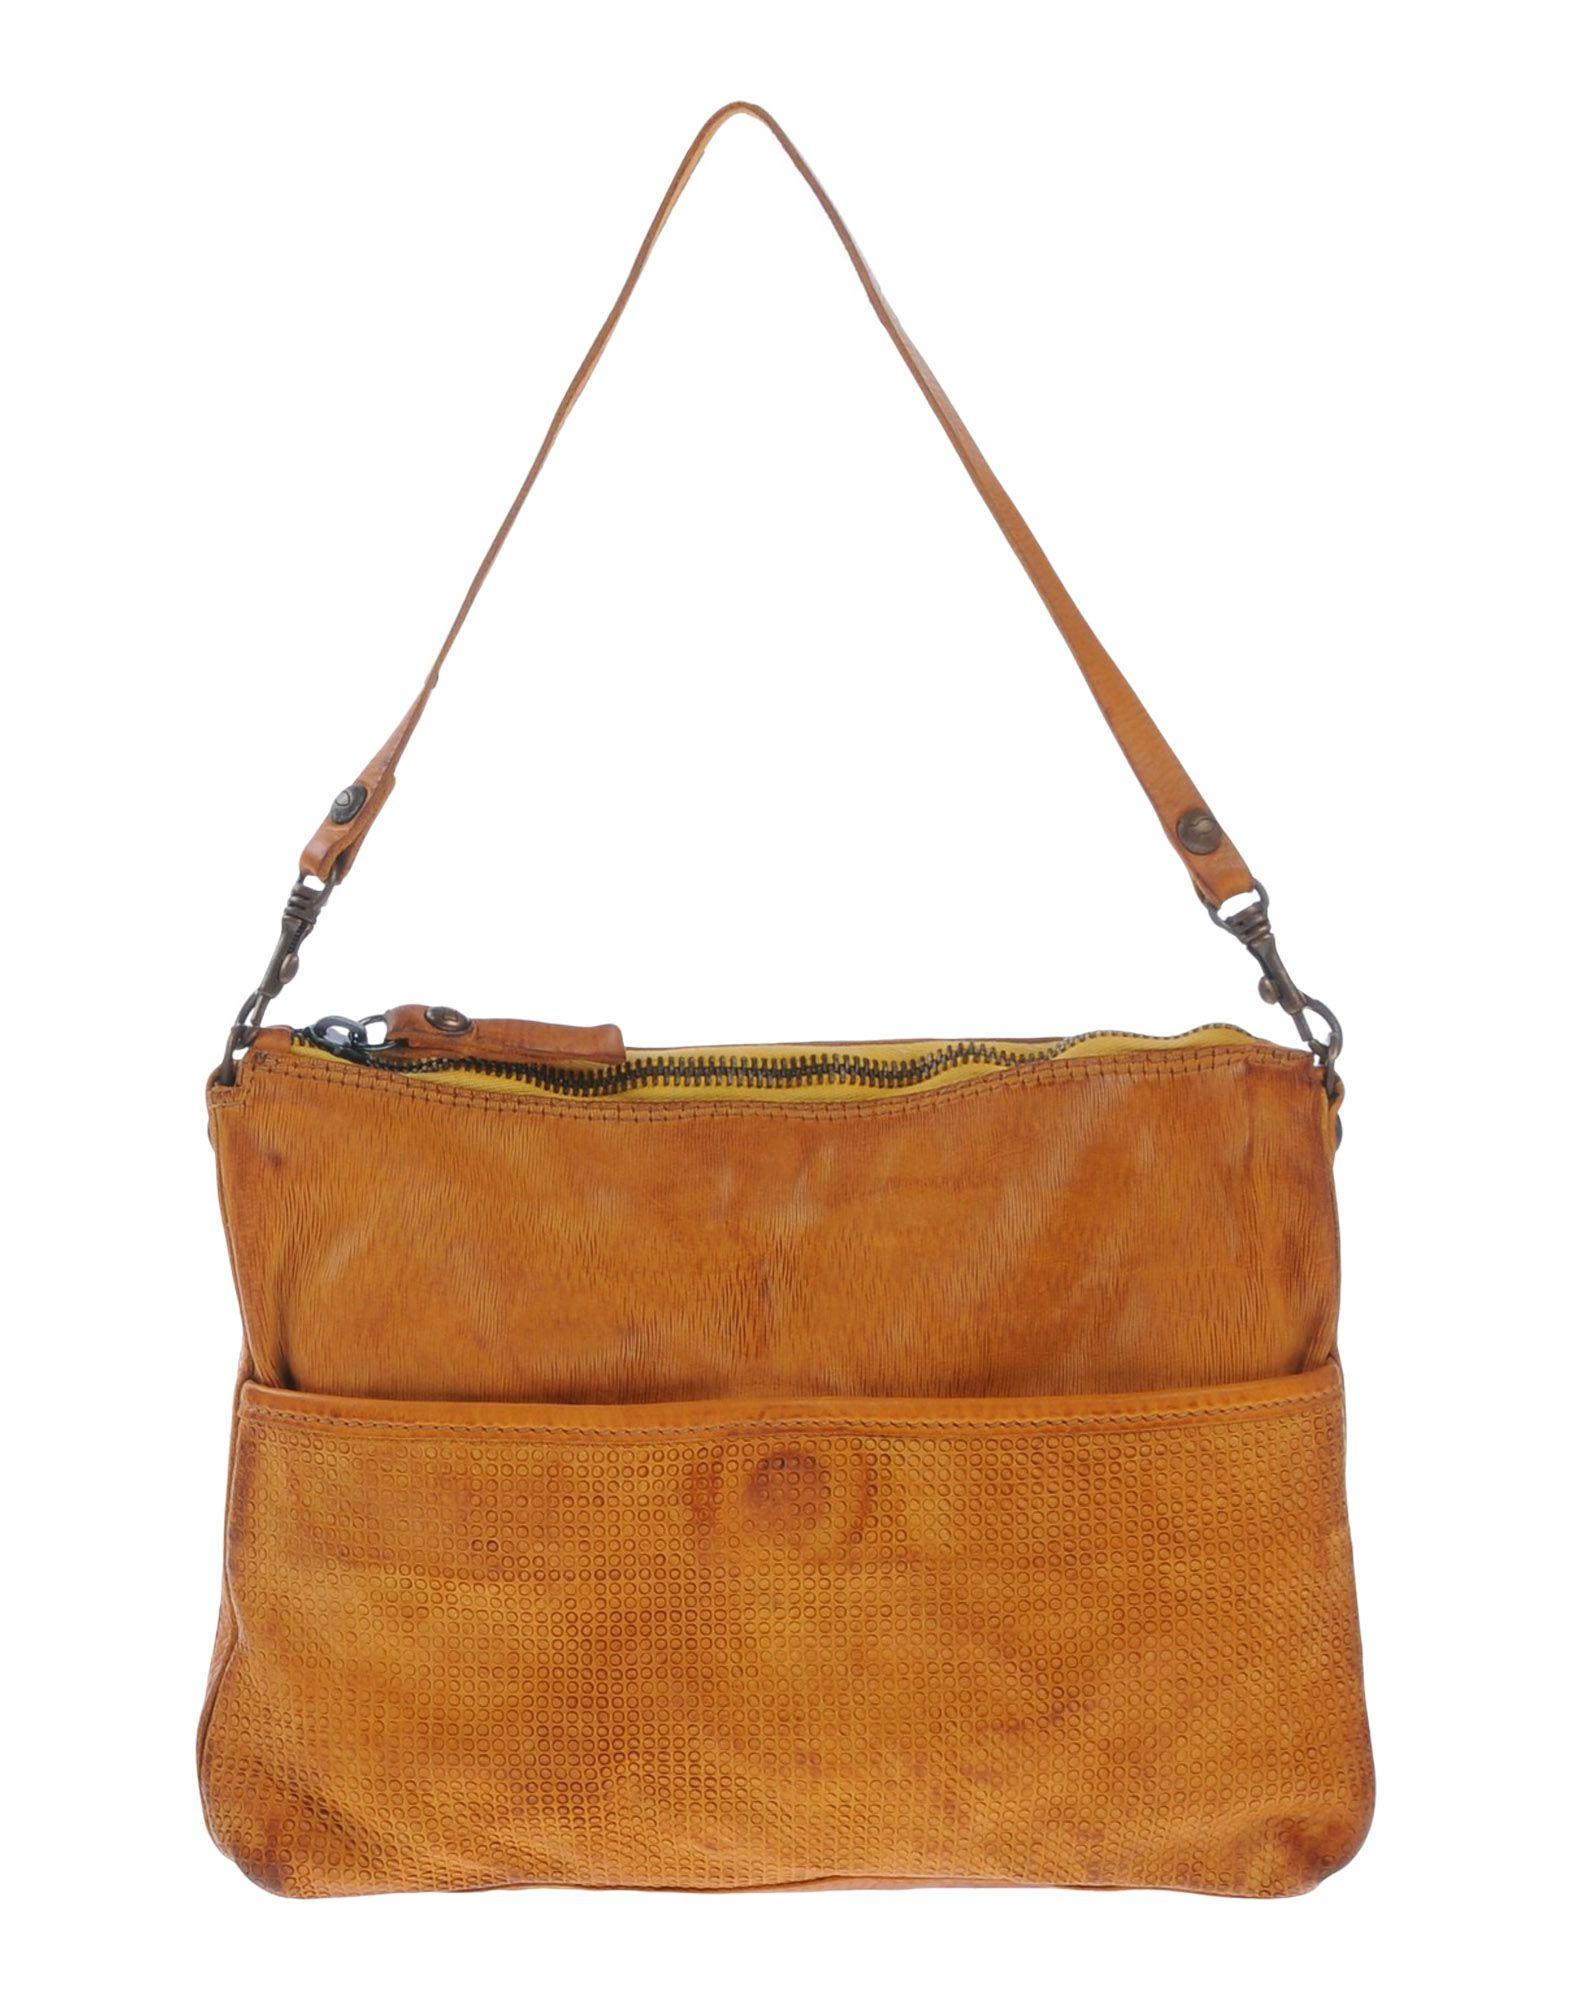 Campomaggi HANDBAGS - Shoulder bags su YOOX.COM wOobk